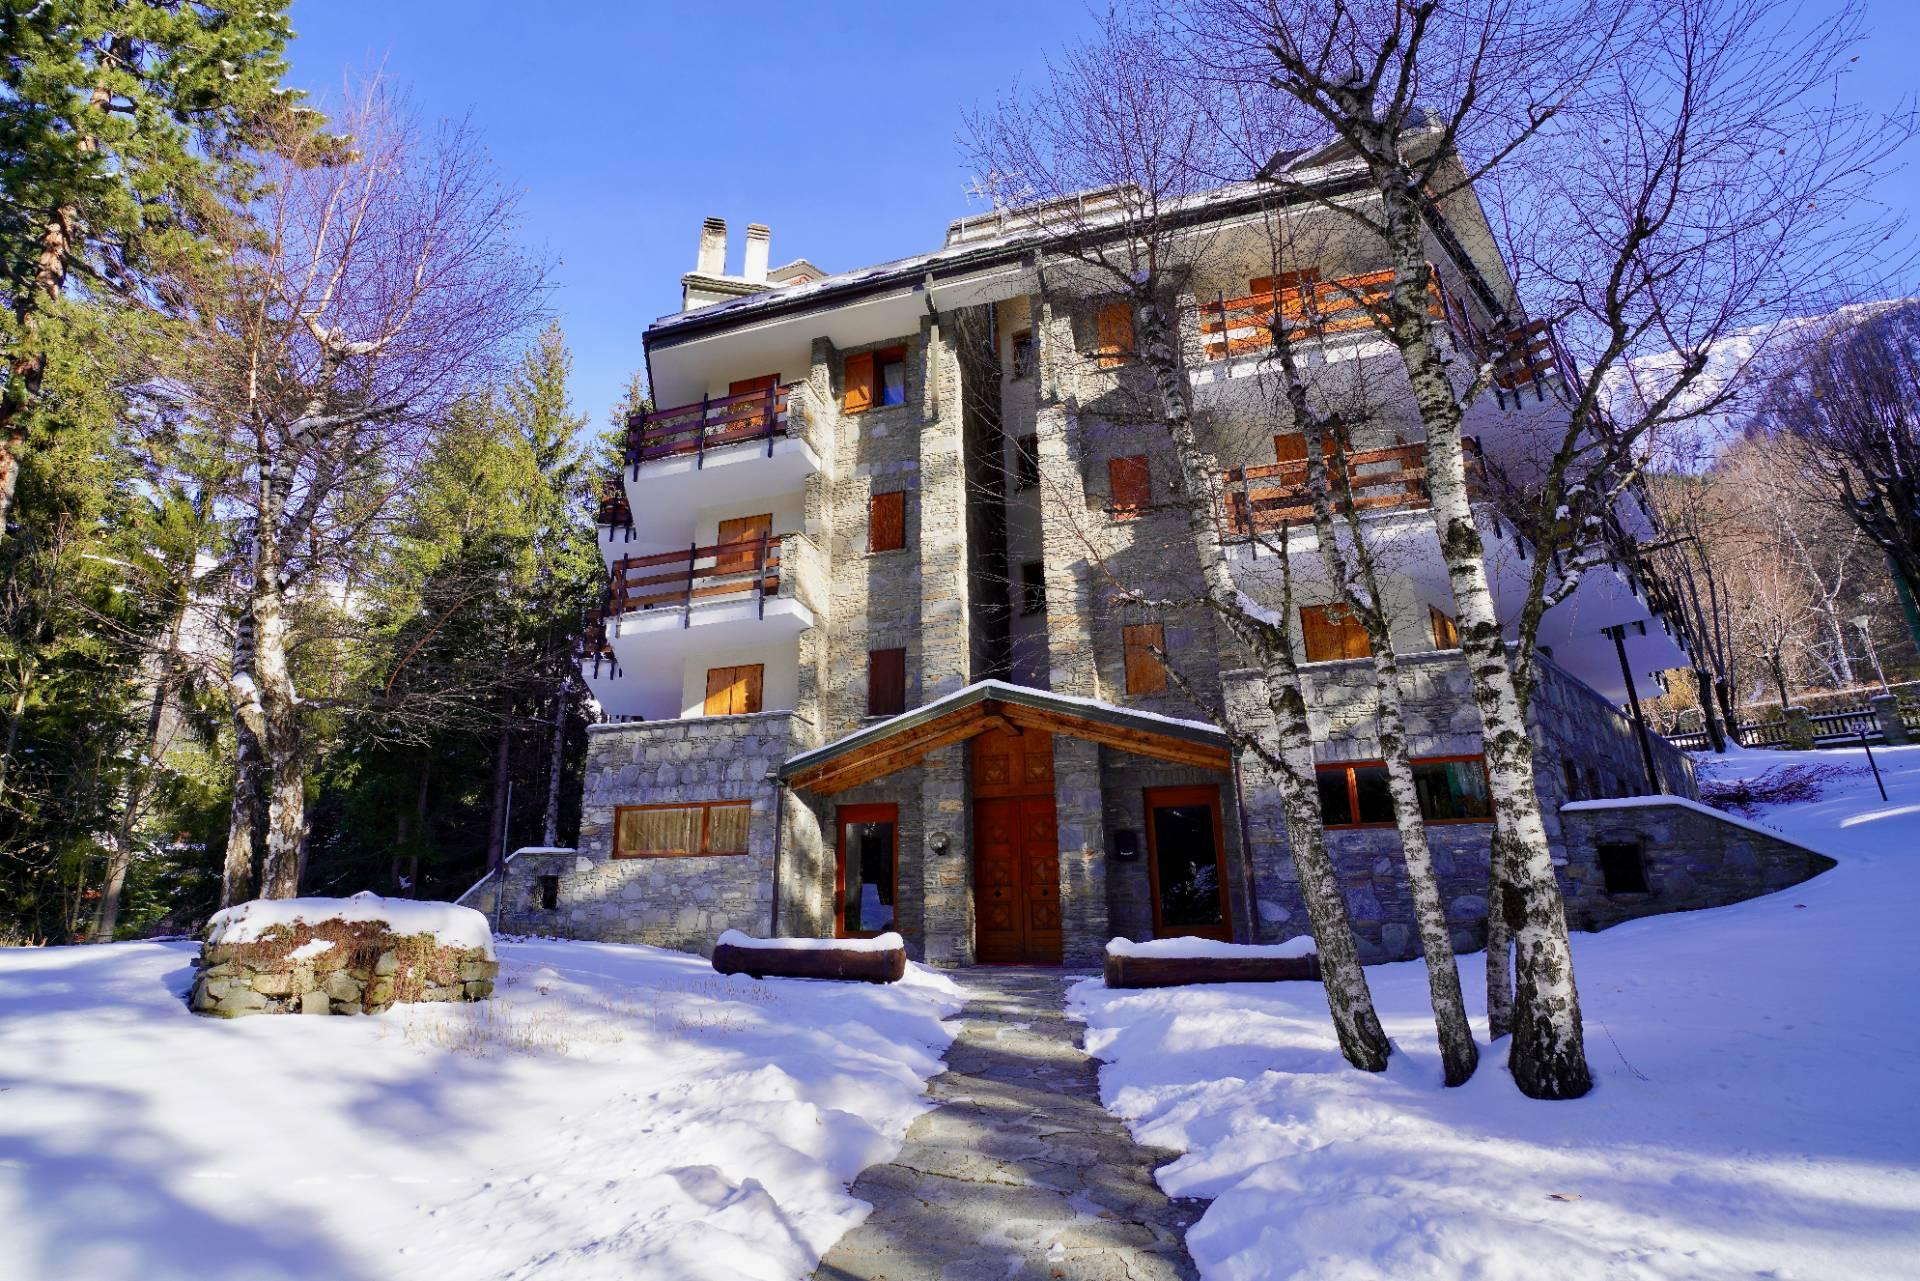 Appartamento in vendita a Courmayeur, 7 locali, prezzo € 1.200.000 | PortaleAgenzieImmobiliari.it